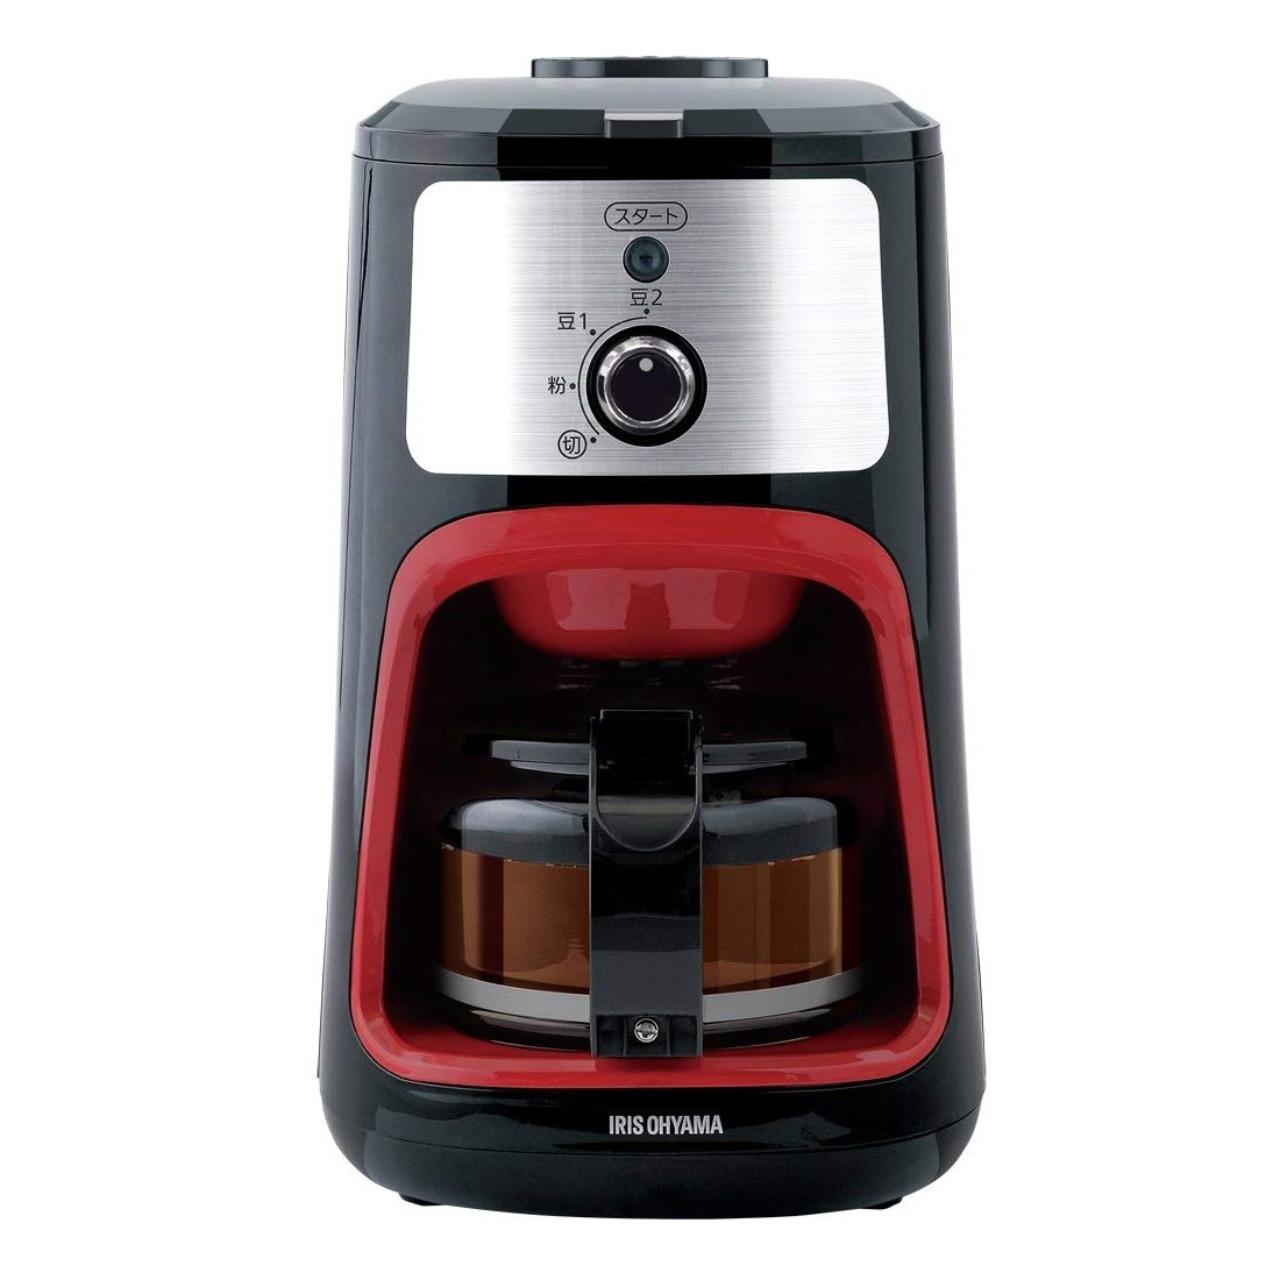 アイリスオーヤマIAC-A600全自動コーヒーメーカー